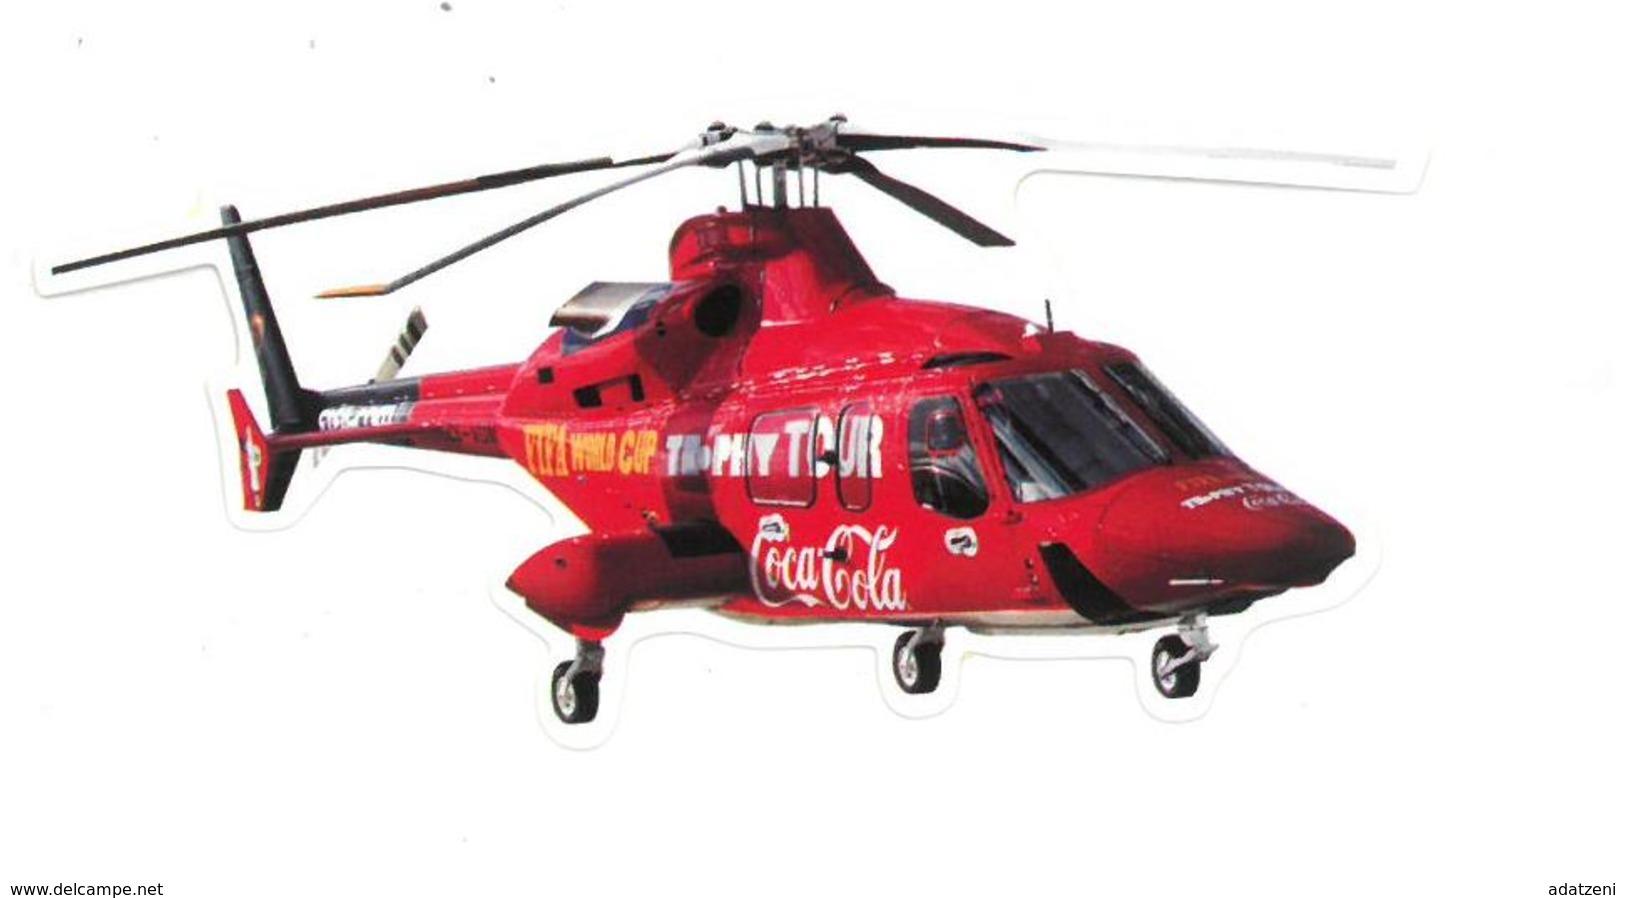 Adesivo Decalcomania Sticker Coca Cola Elicottero Fifa World Cup Trophy Tour Dimensioni Cm 10x4 Circa - Adesivi